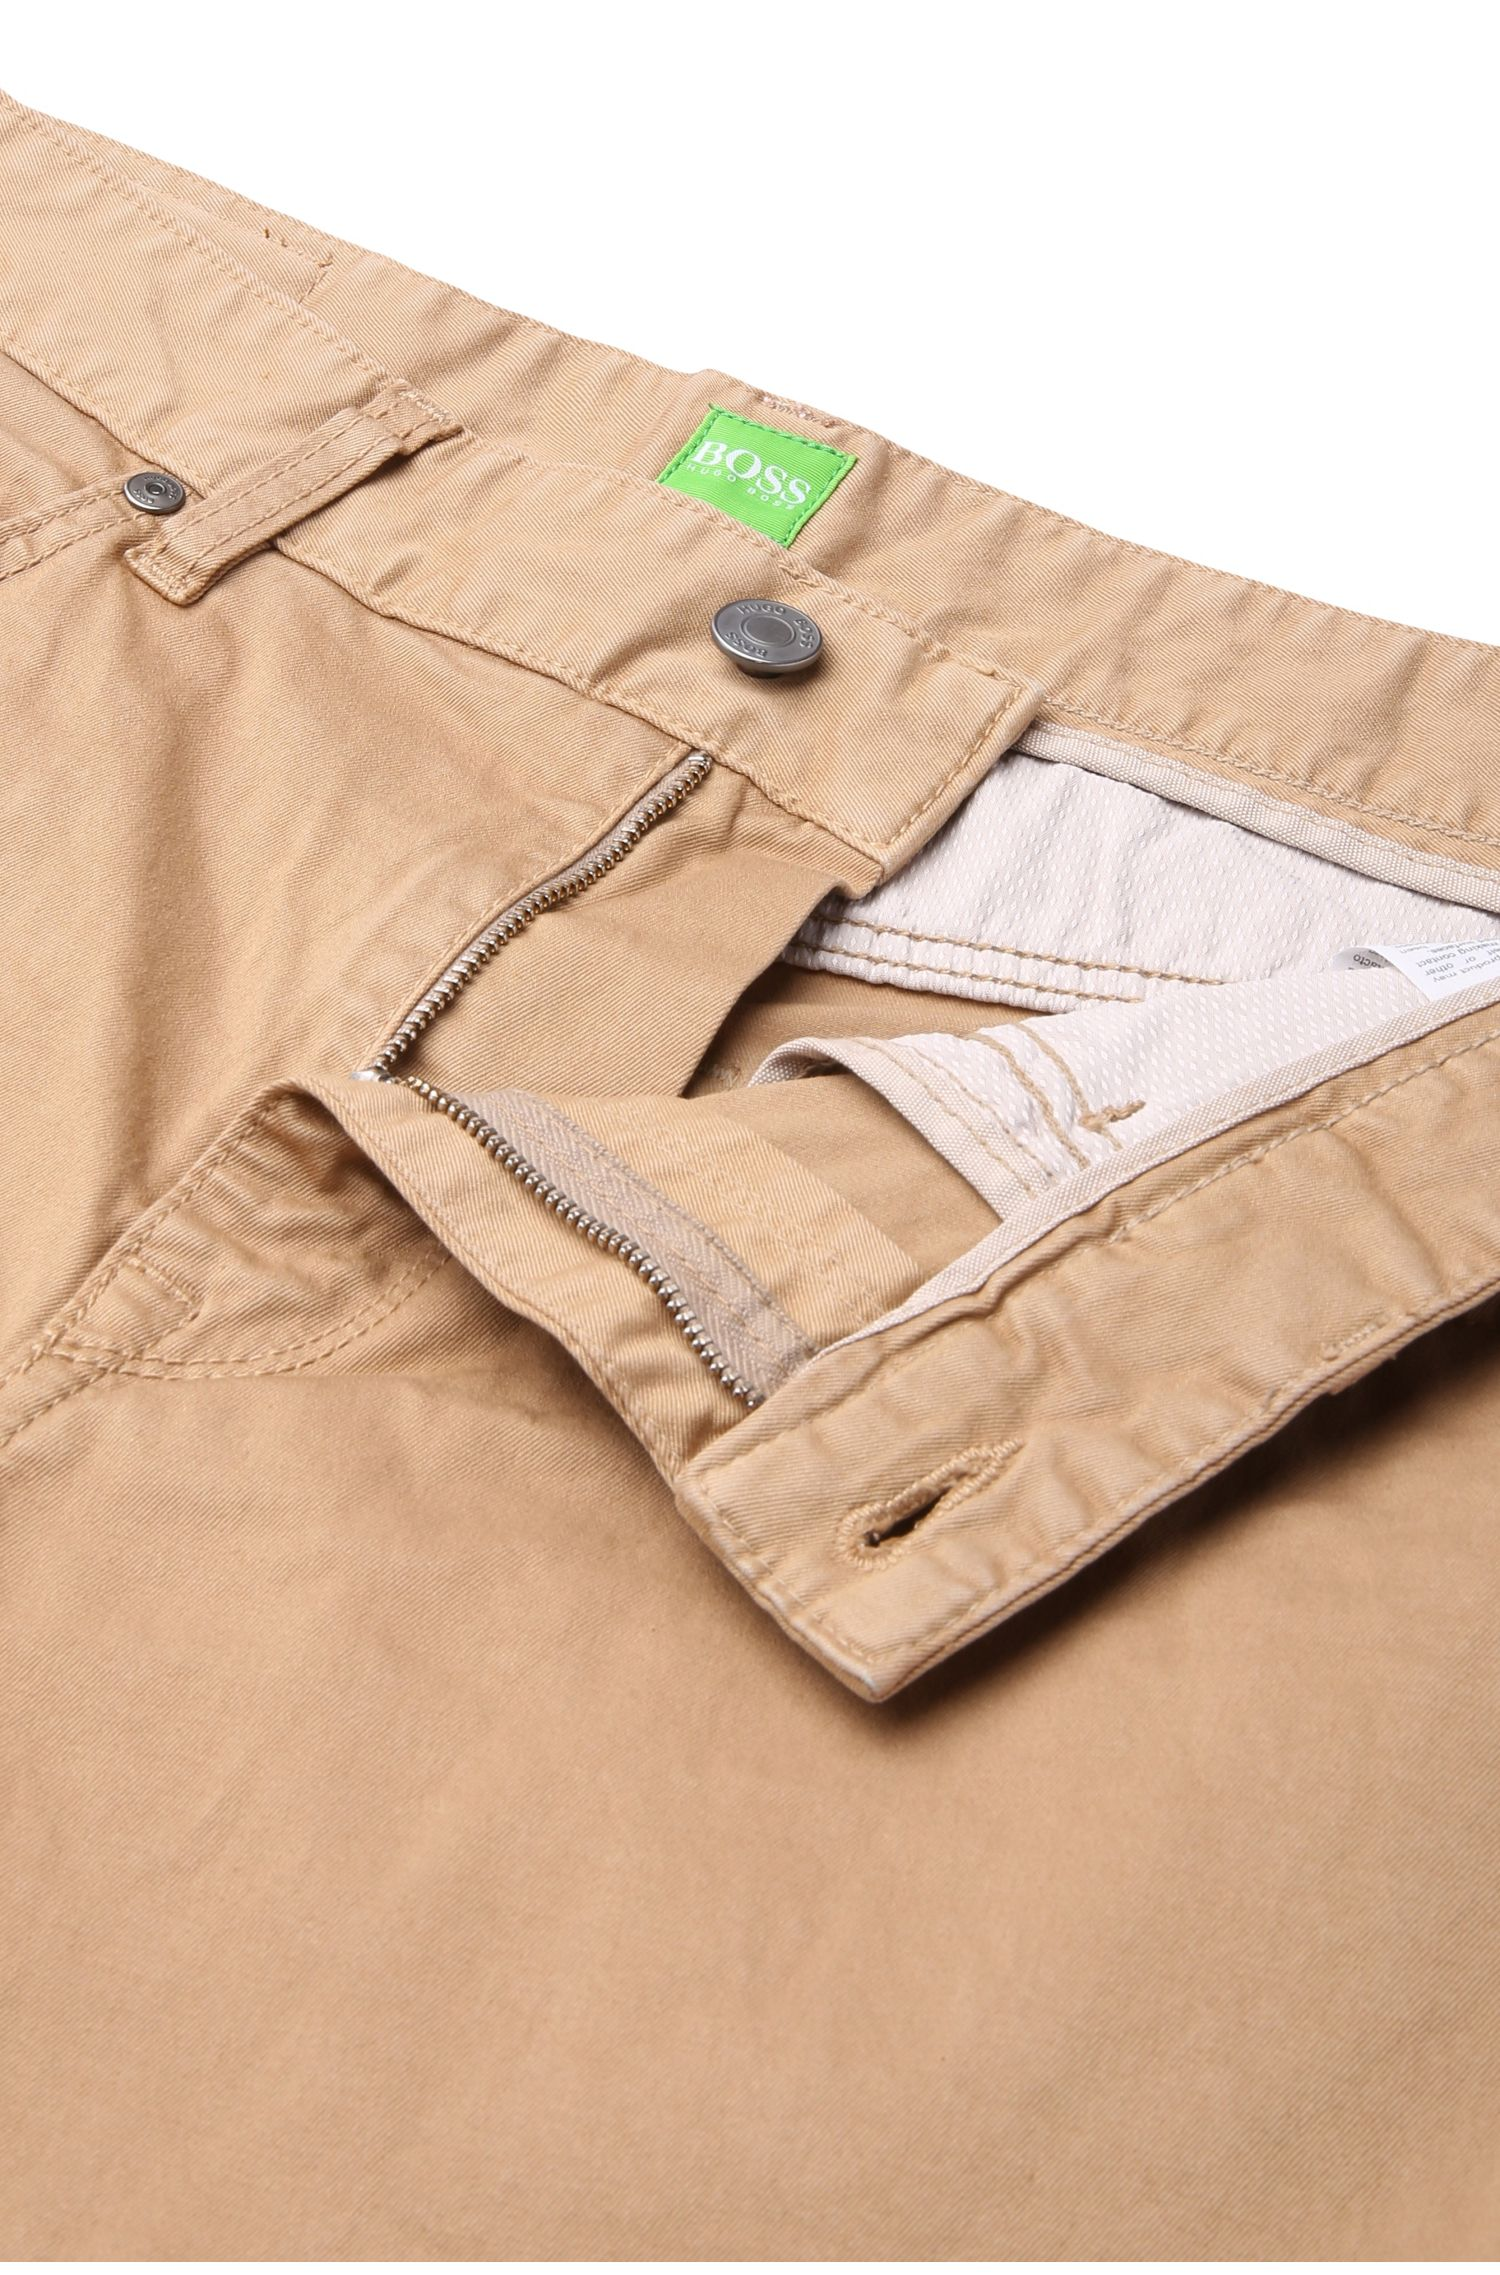 Pantalon Regular Fit en coton stretch: «C-Maine1-1-20»